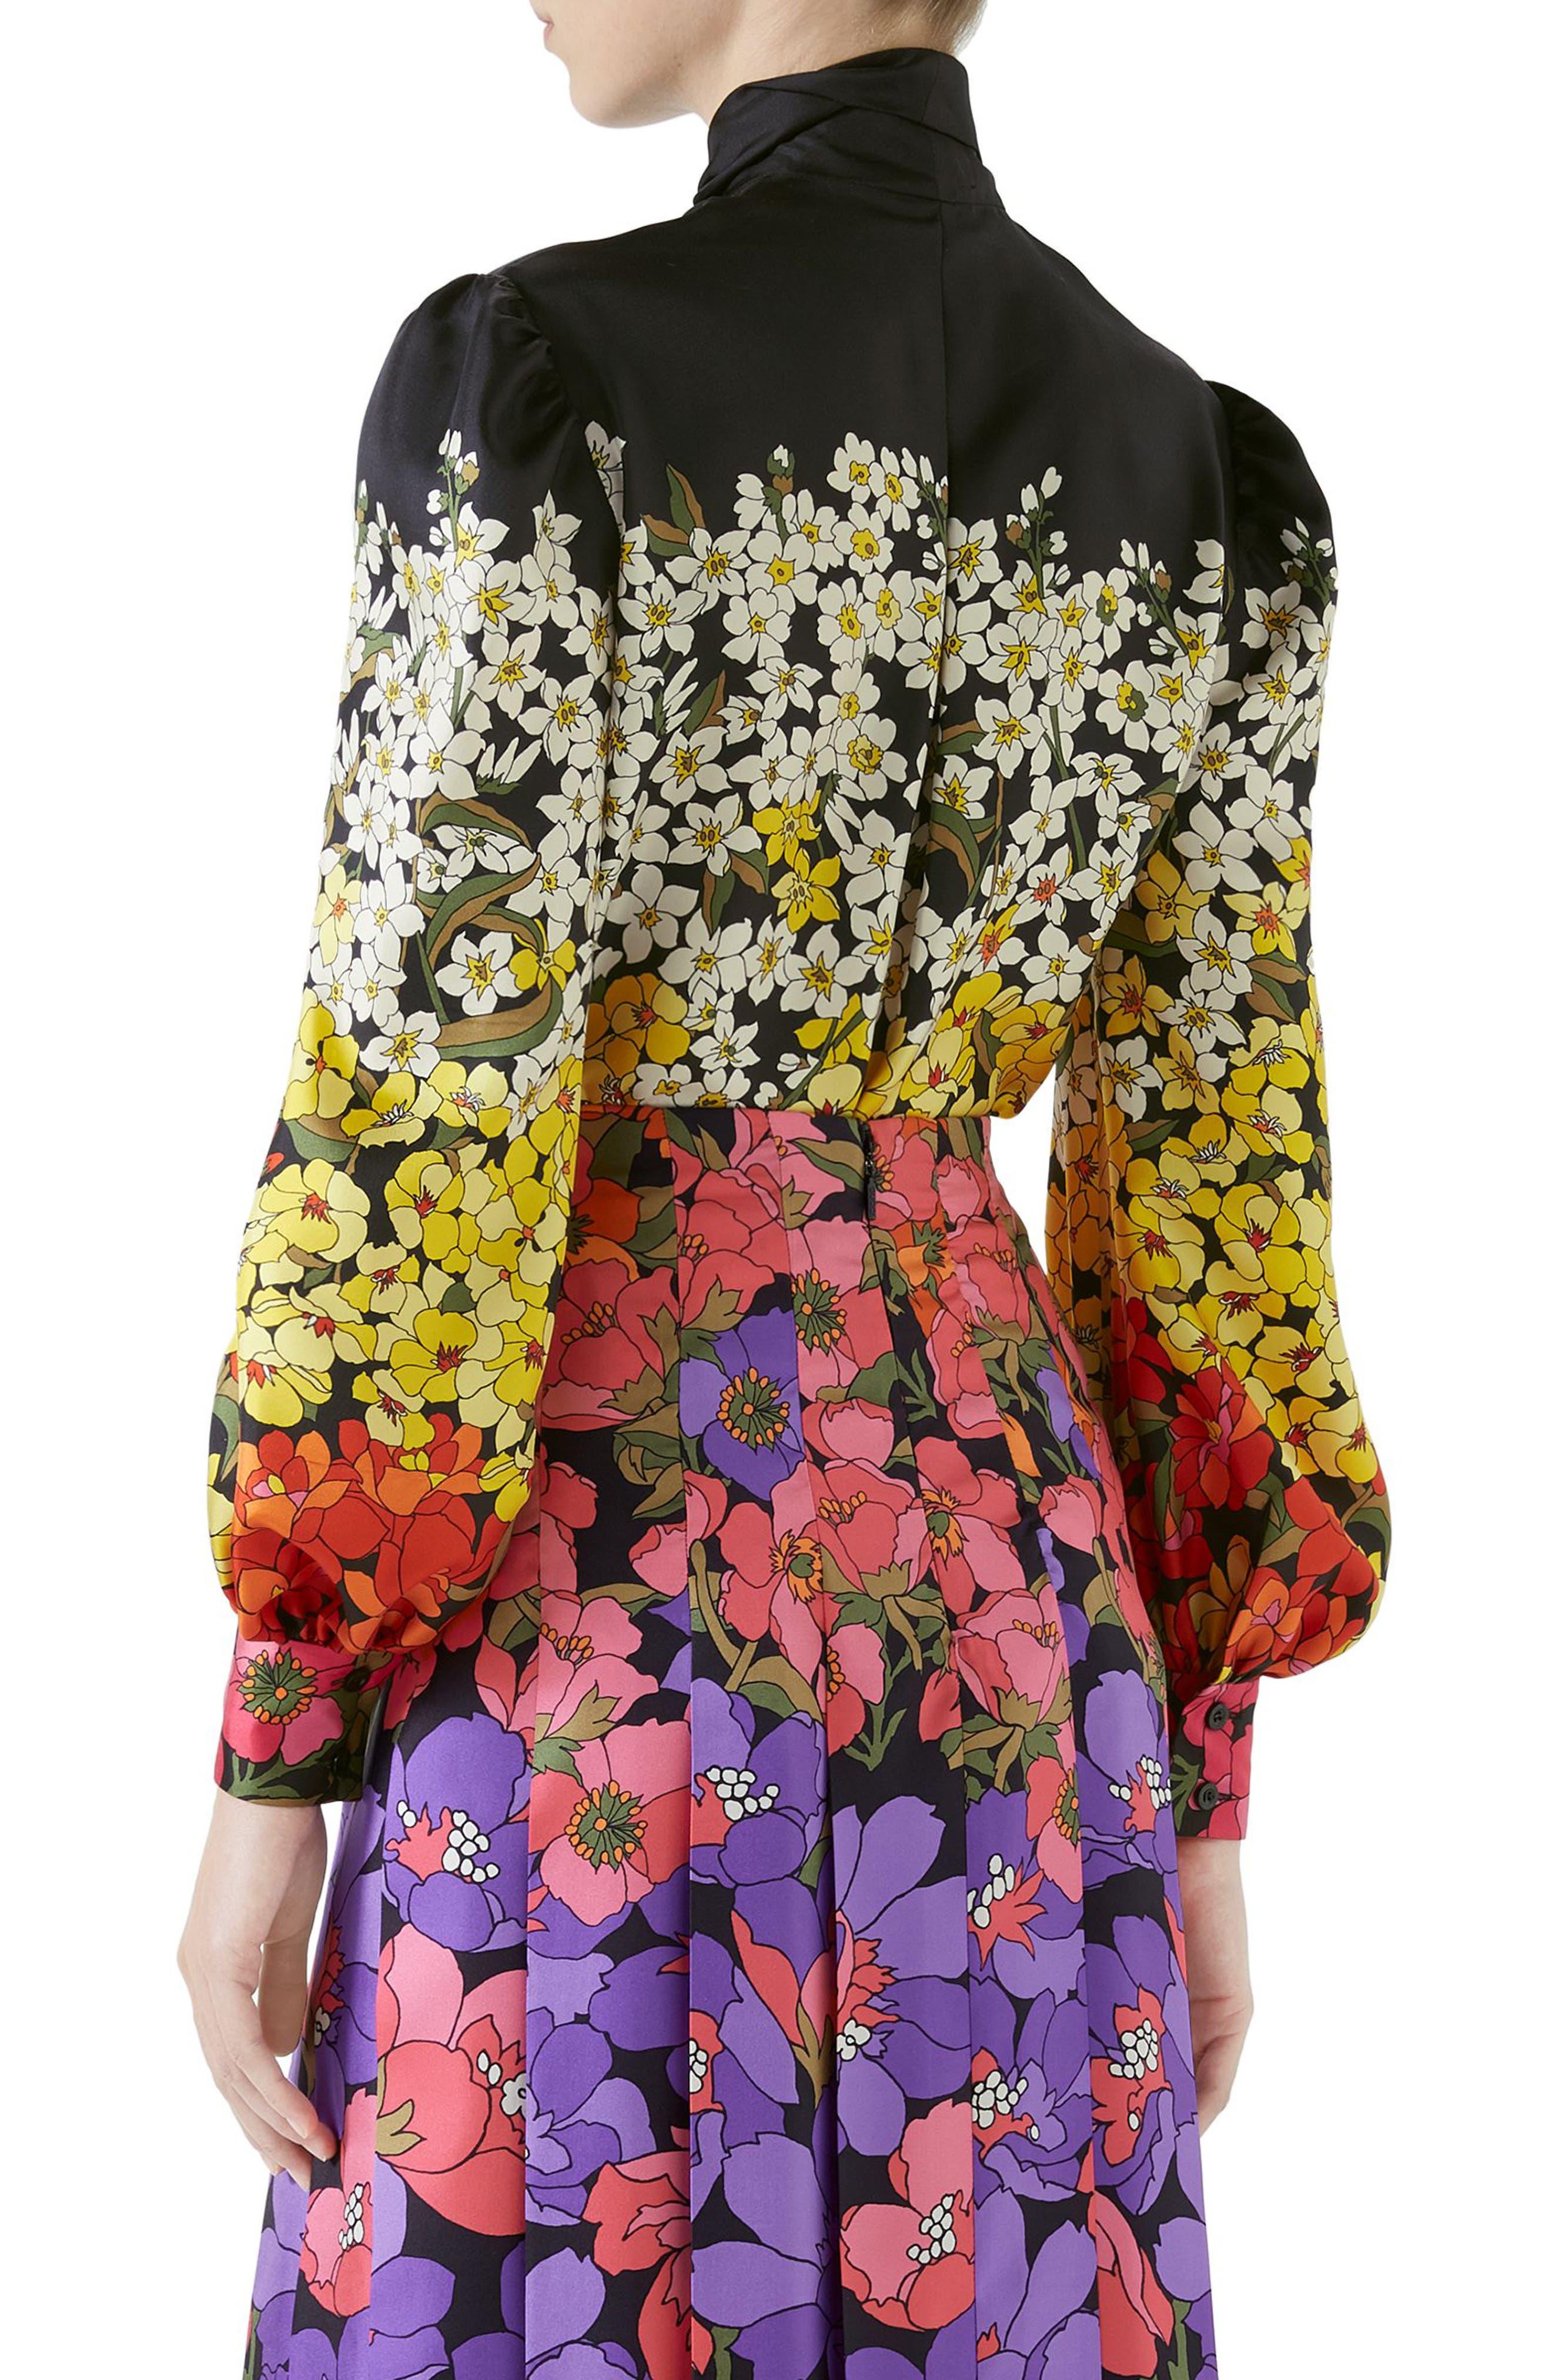 Dégradé Floral Print Silk Tie Neck Blouse,                             Alternate thumbnail 2, color,                             BLACK/ PURPLE PRINT